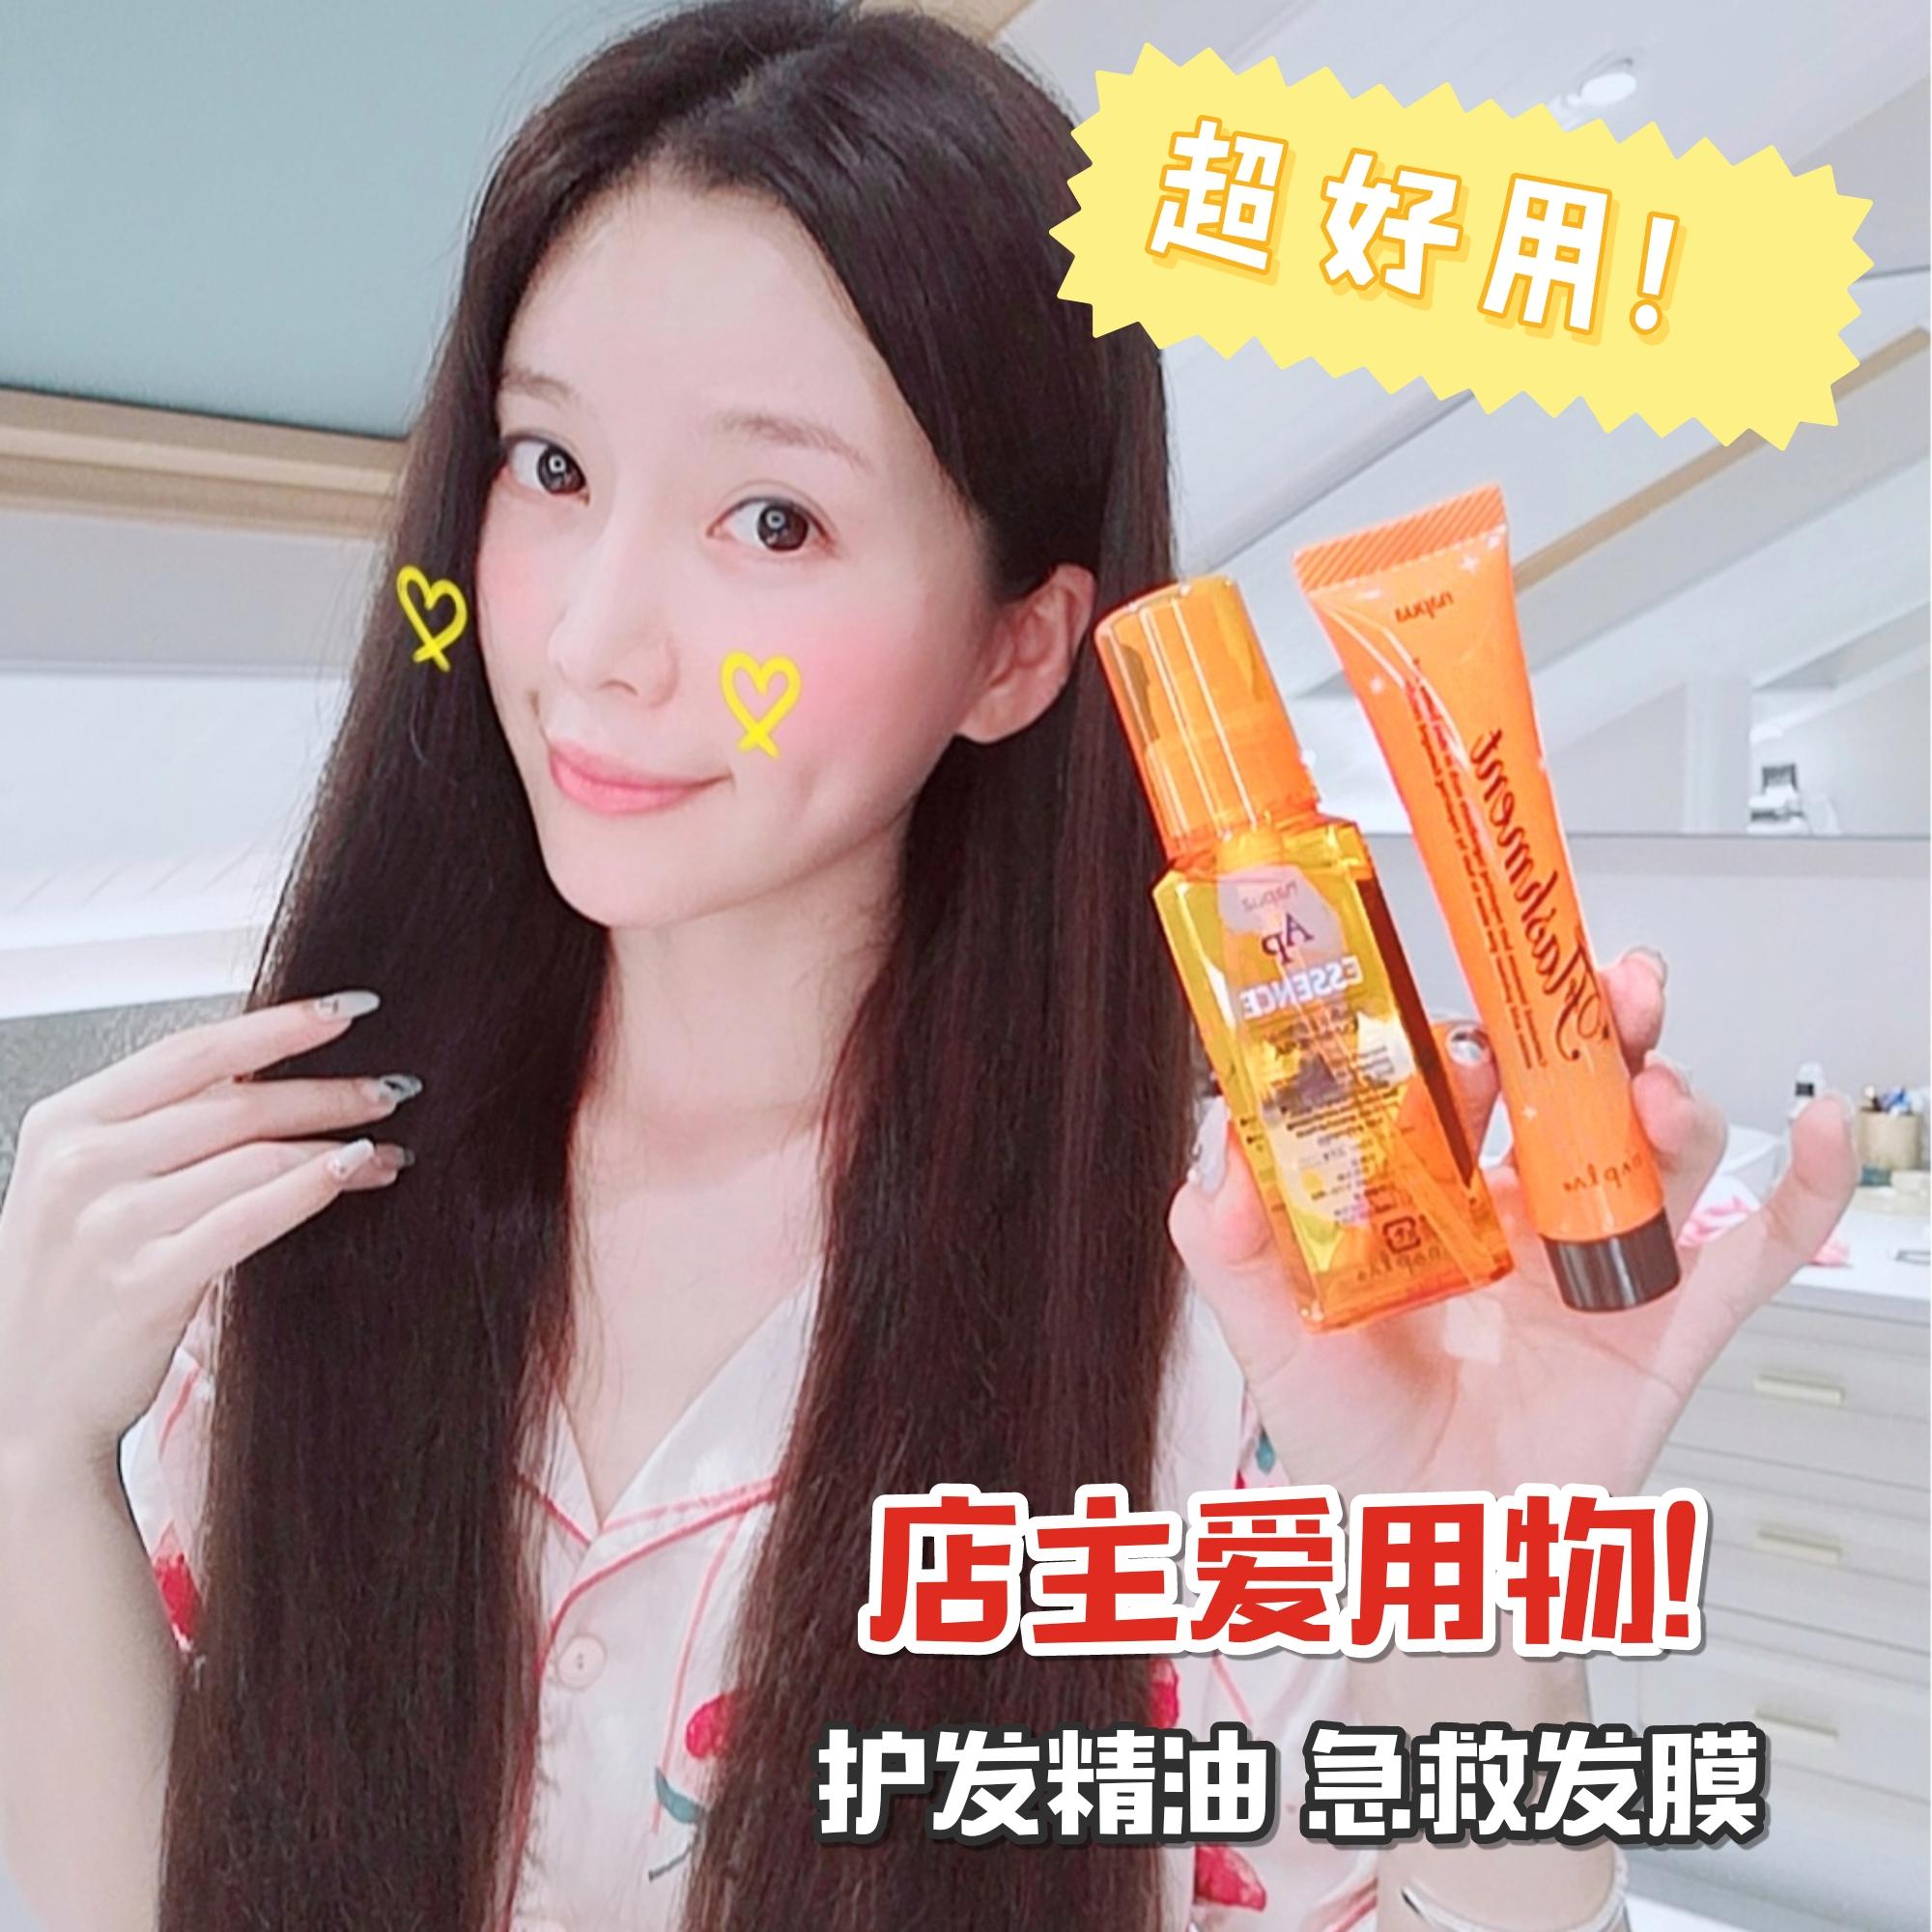 日本代购自用头发护理防脱 洗发水/护发素/发膜/护发精油